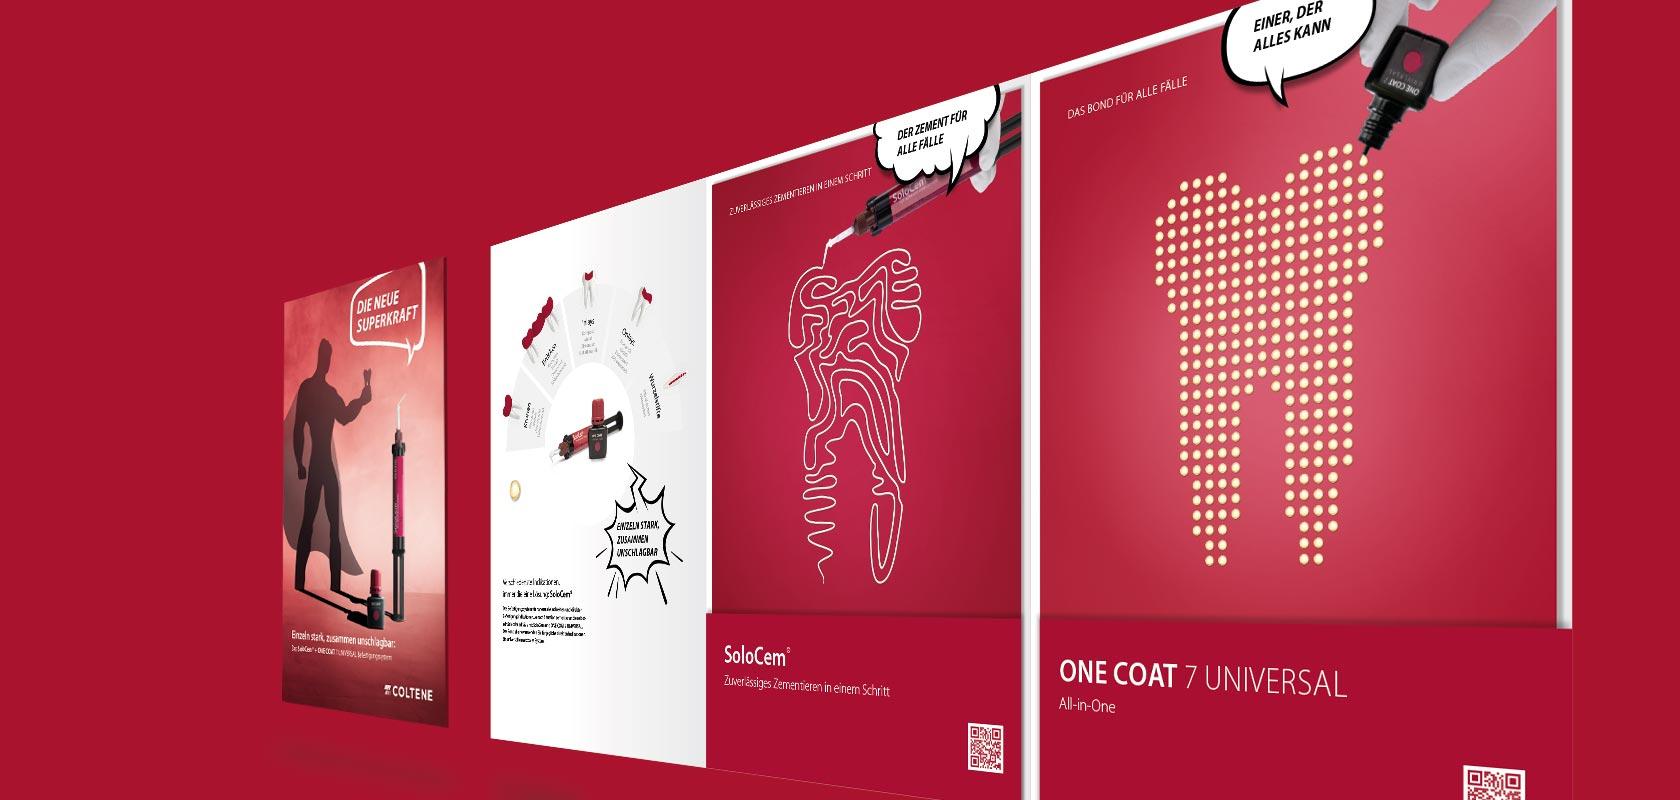 Coltene Produktkampagne Superkraft - Mappe und Broschüren